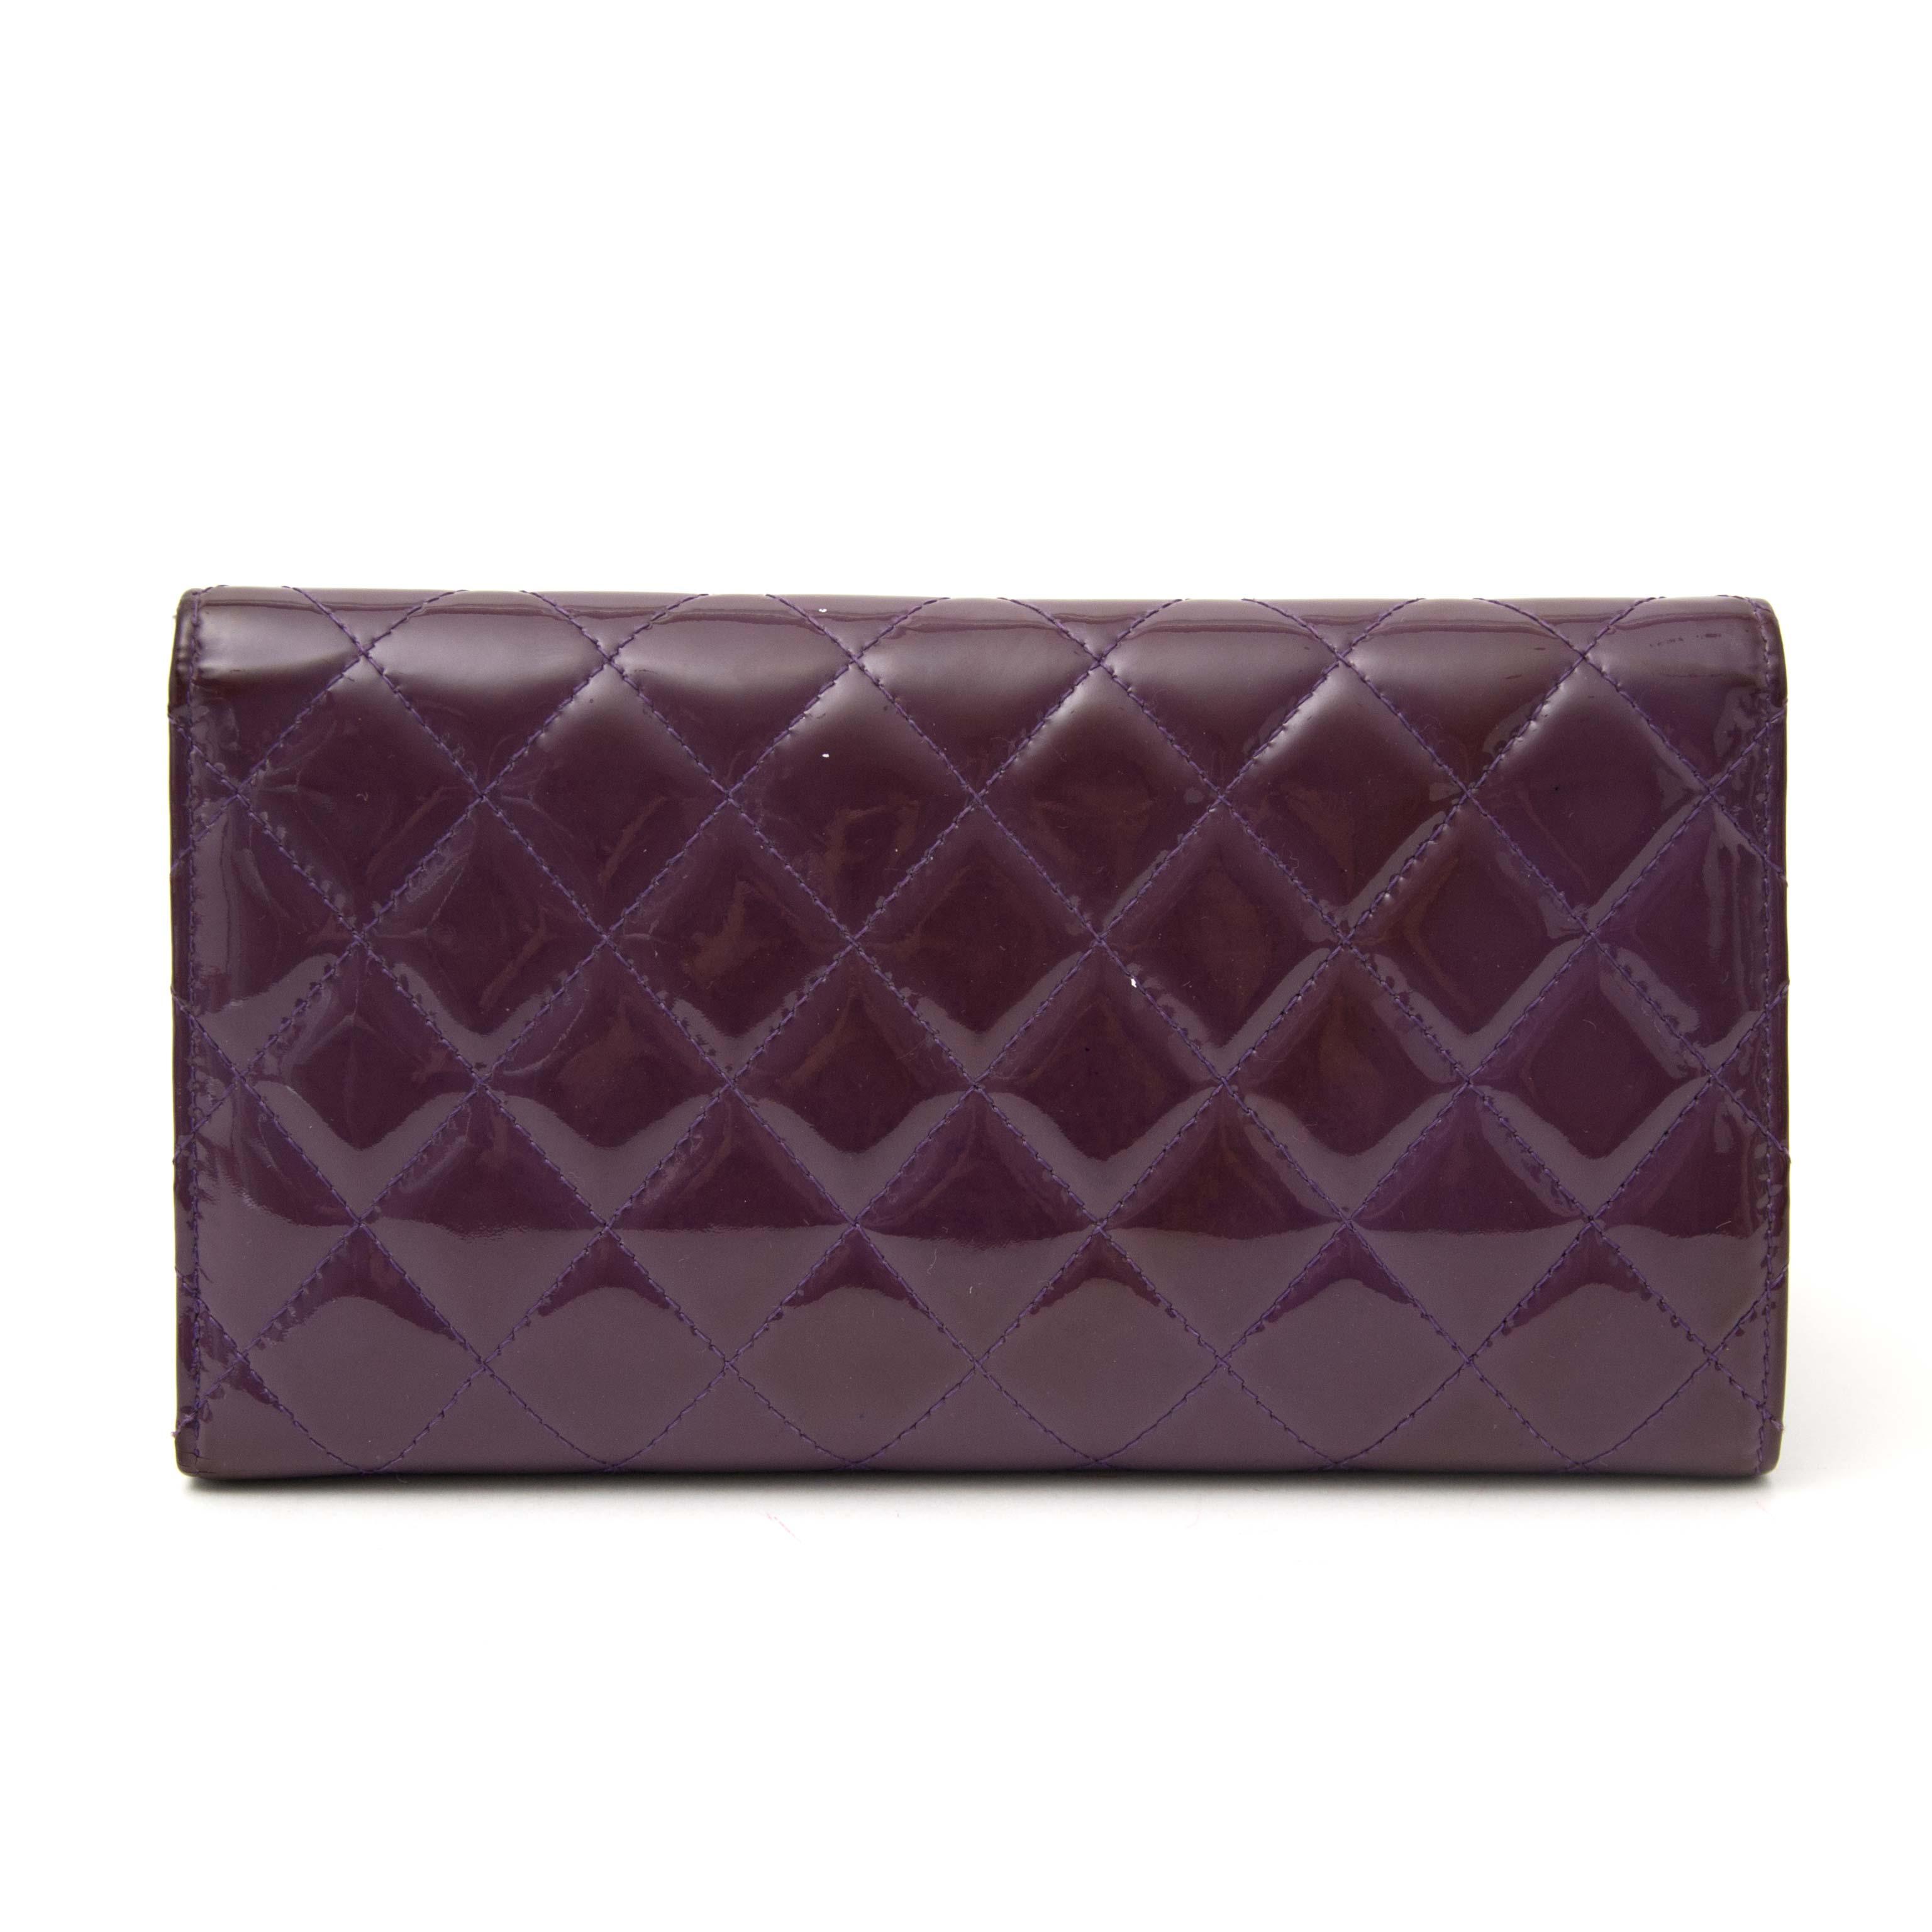 Koop uw authentieke portefeuille van Chanel online bij Labellov